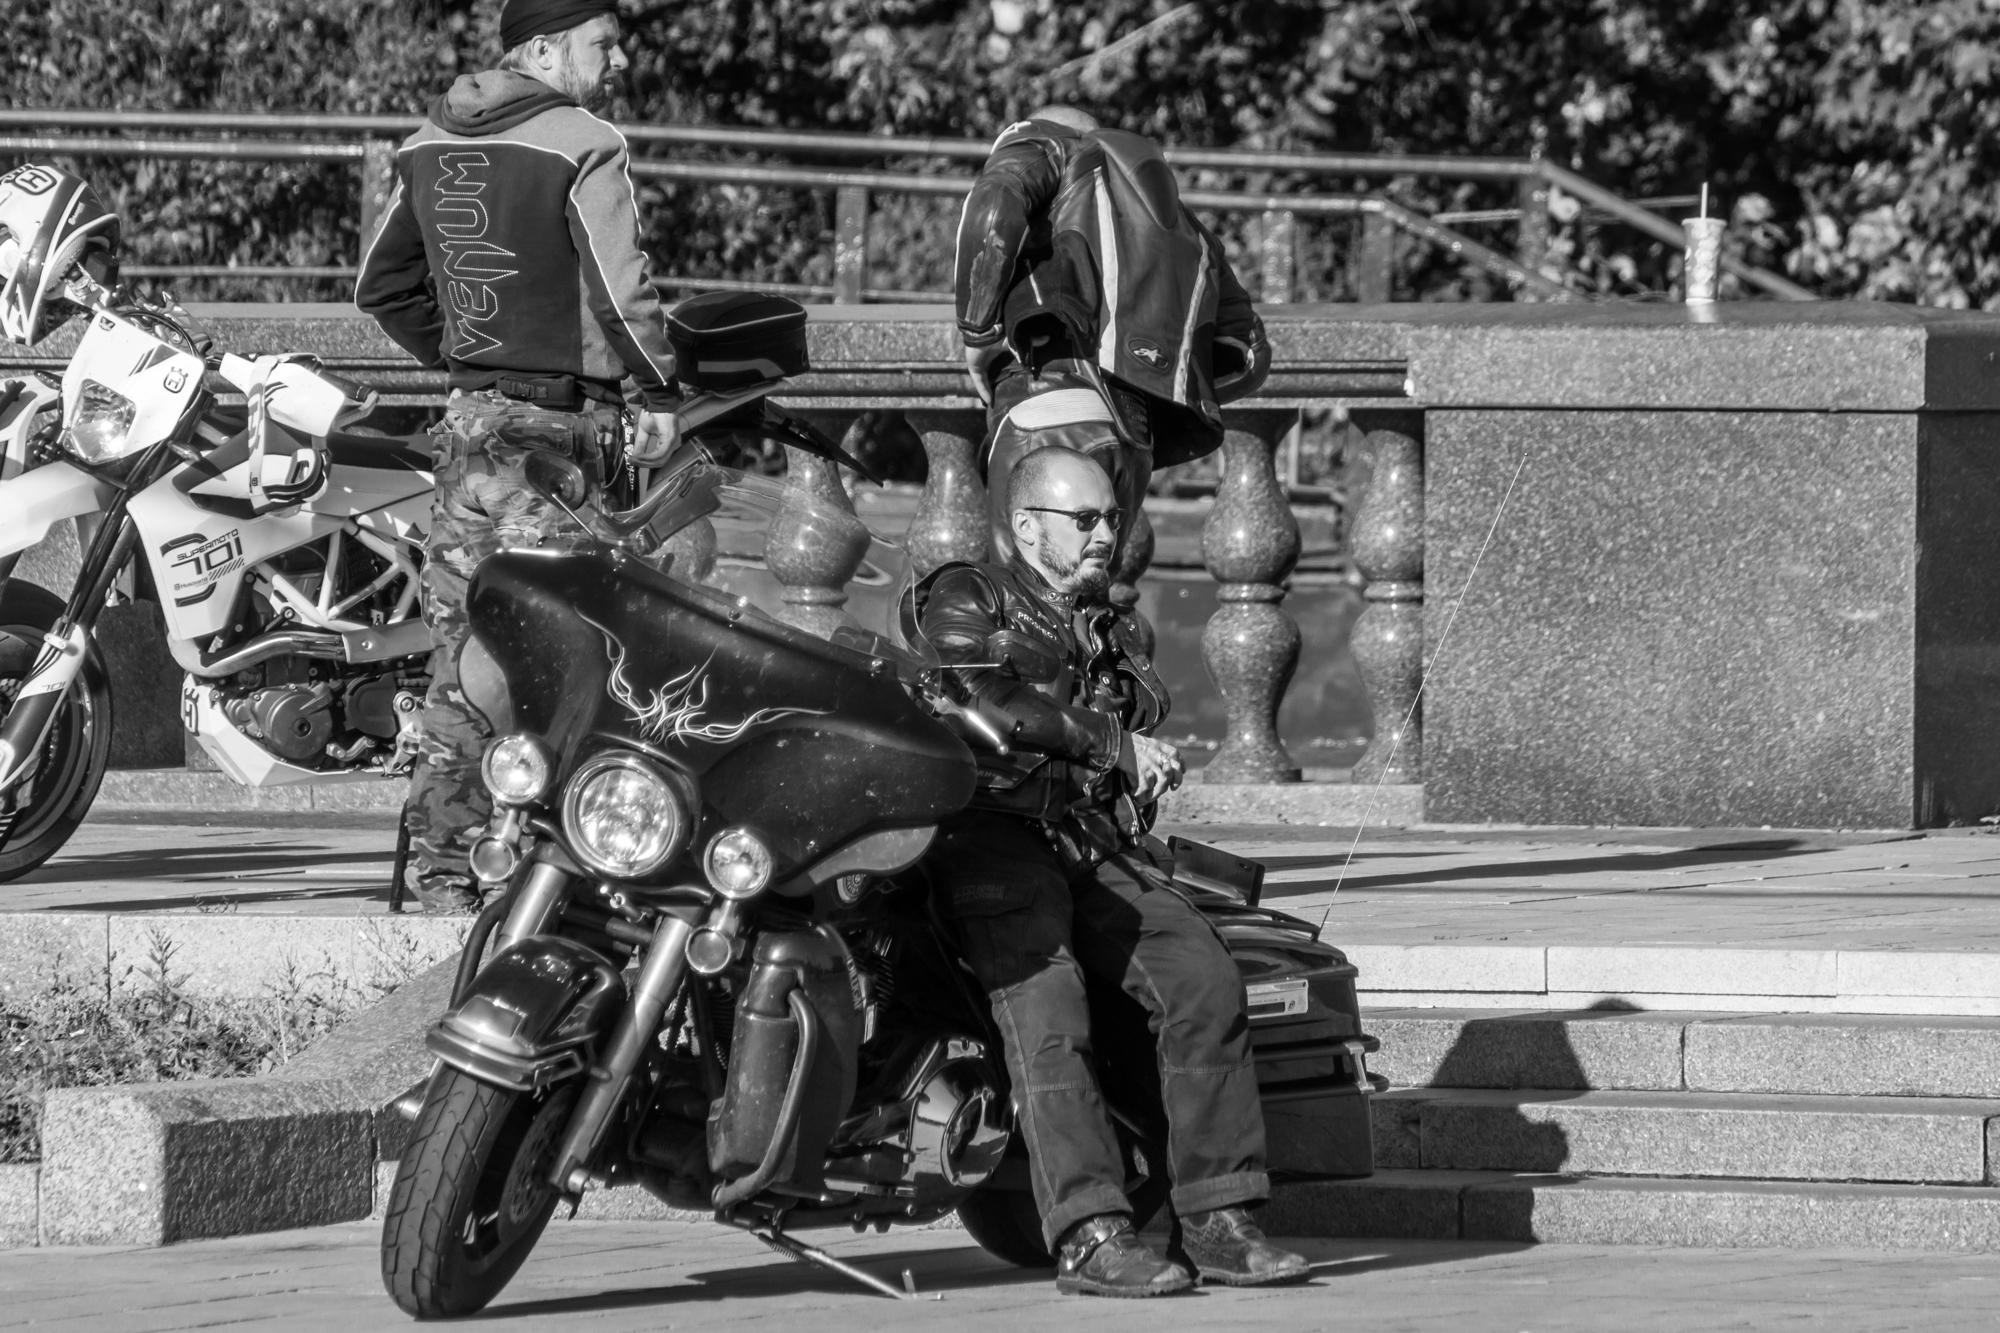 Байкер и его мотоцикл